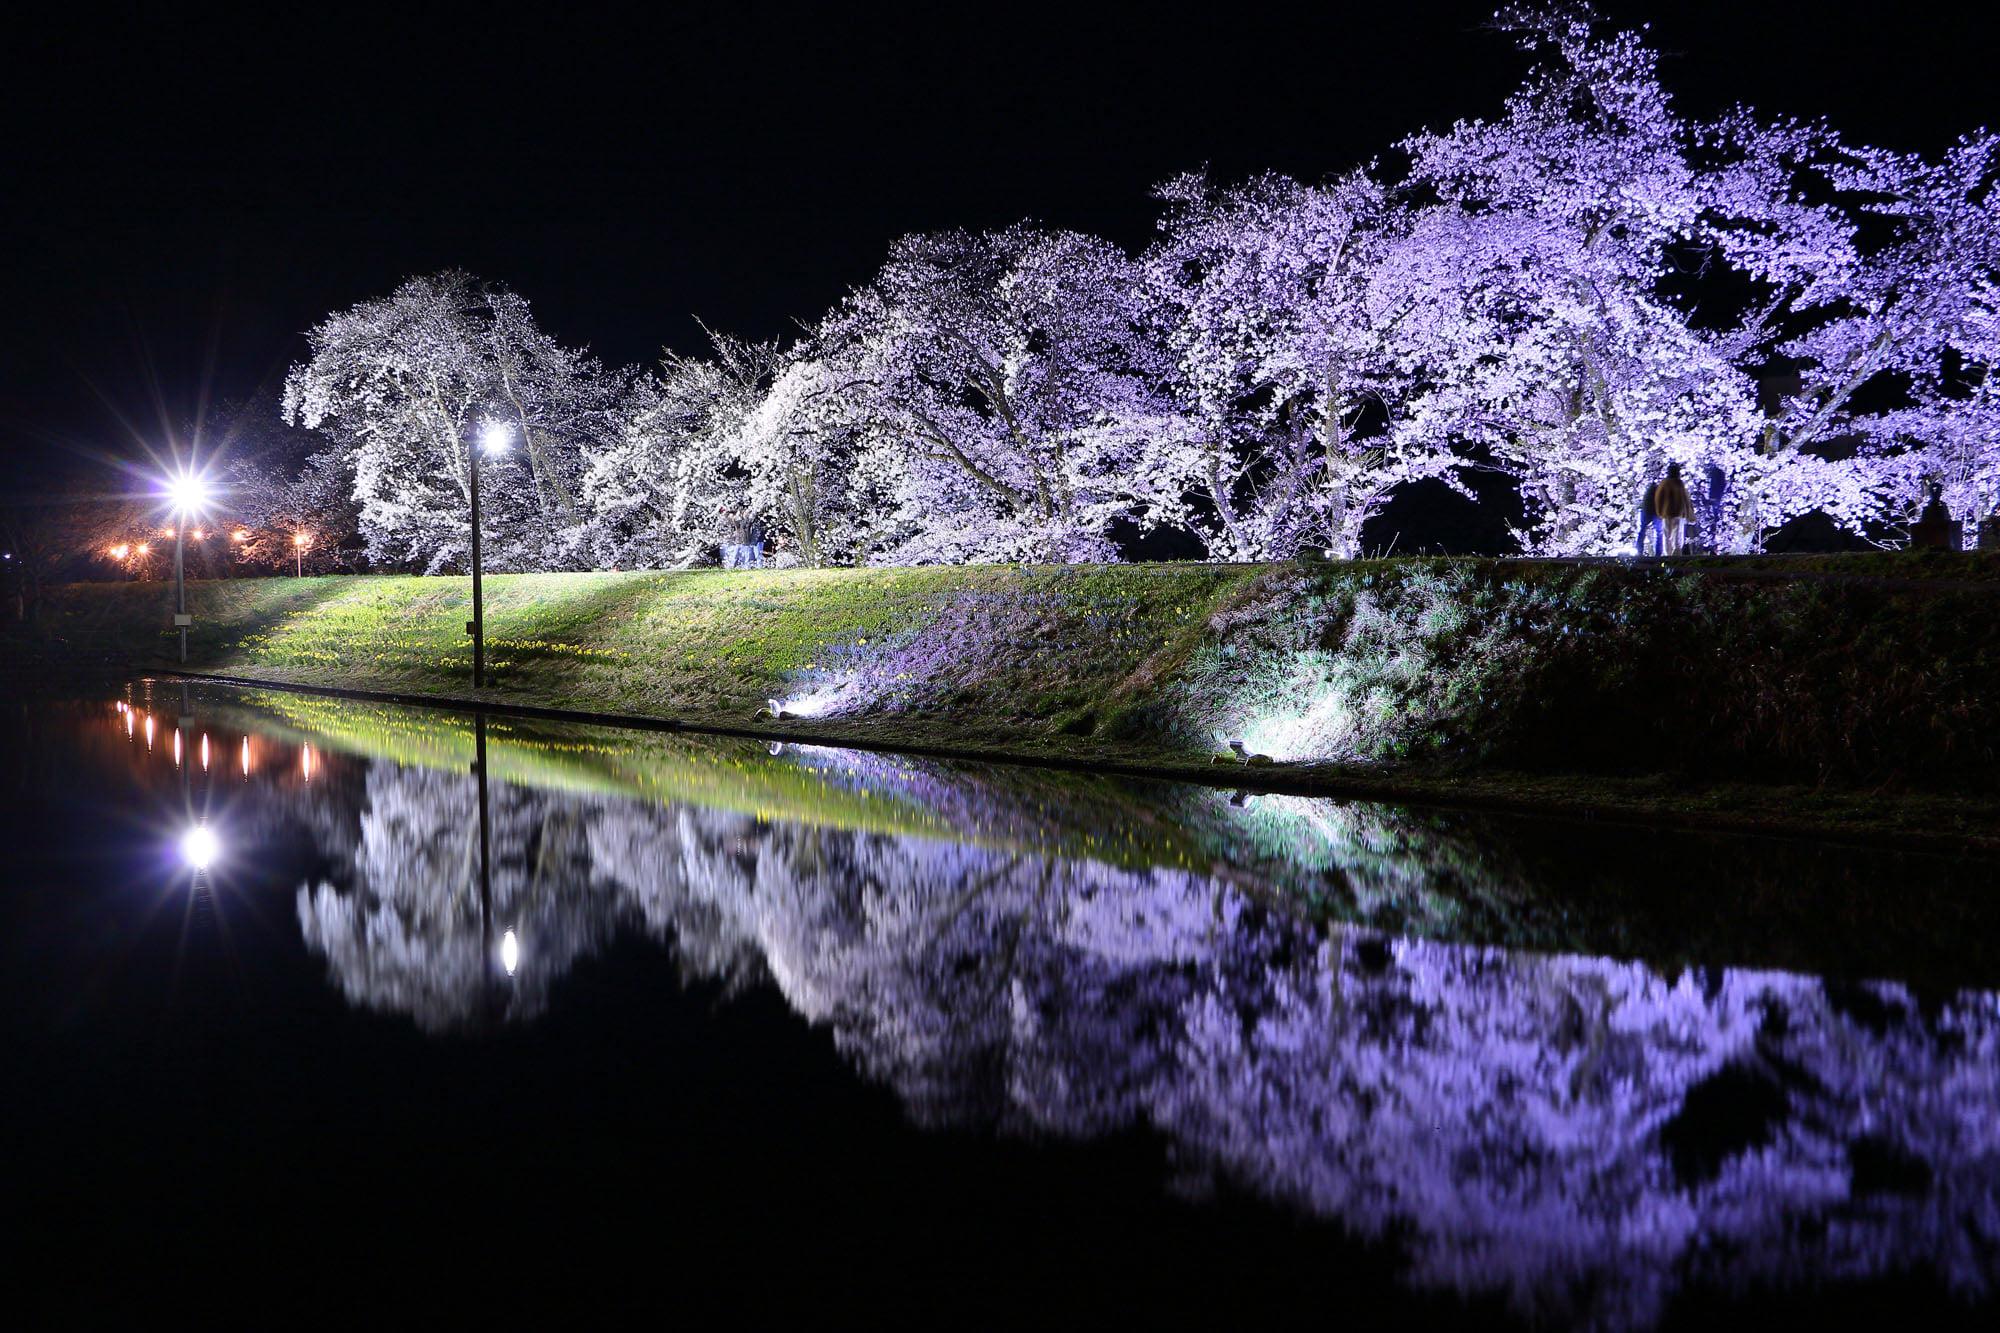 飛騨古川「御所桜」ライトアップの様子